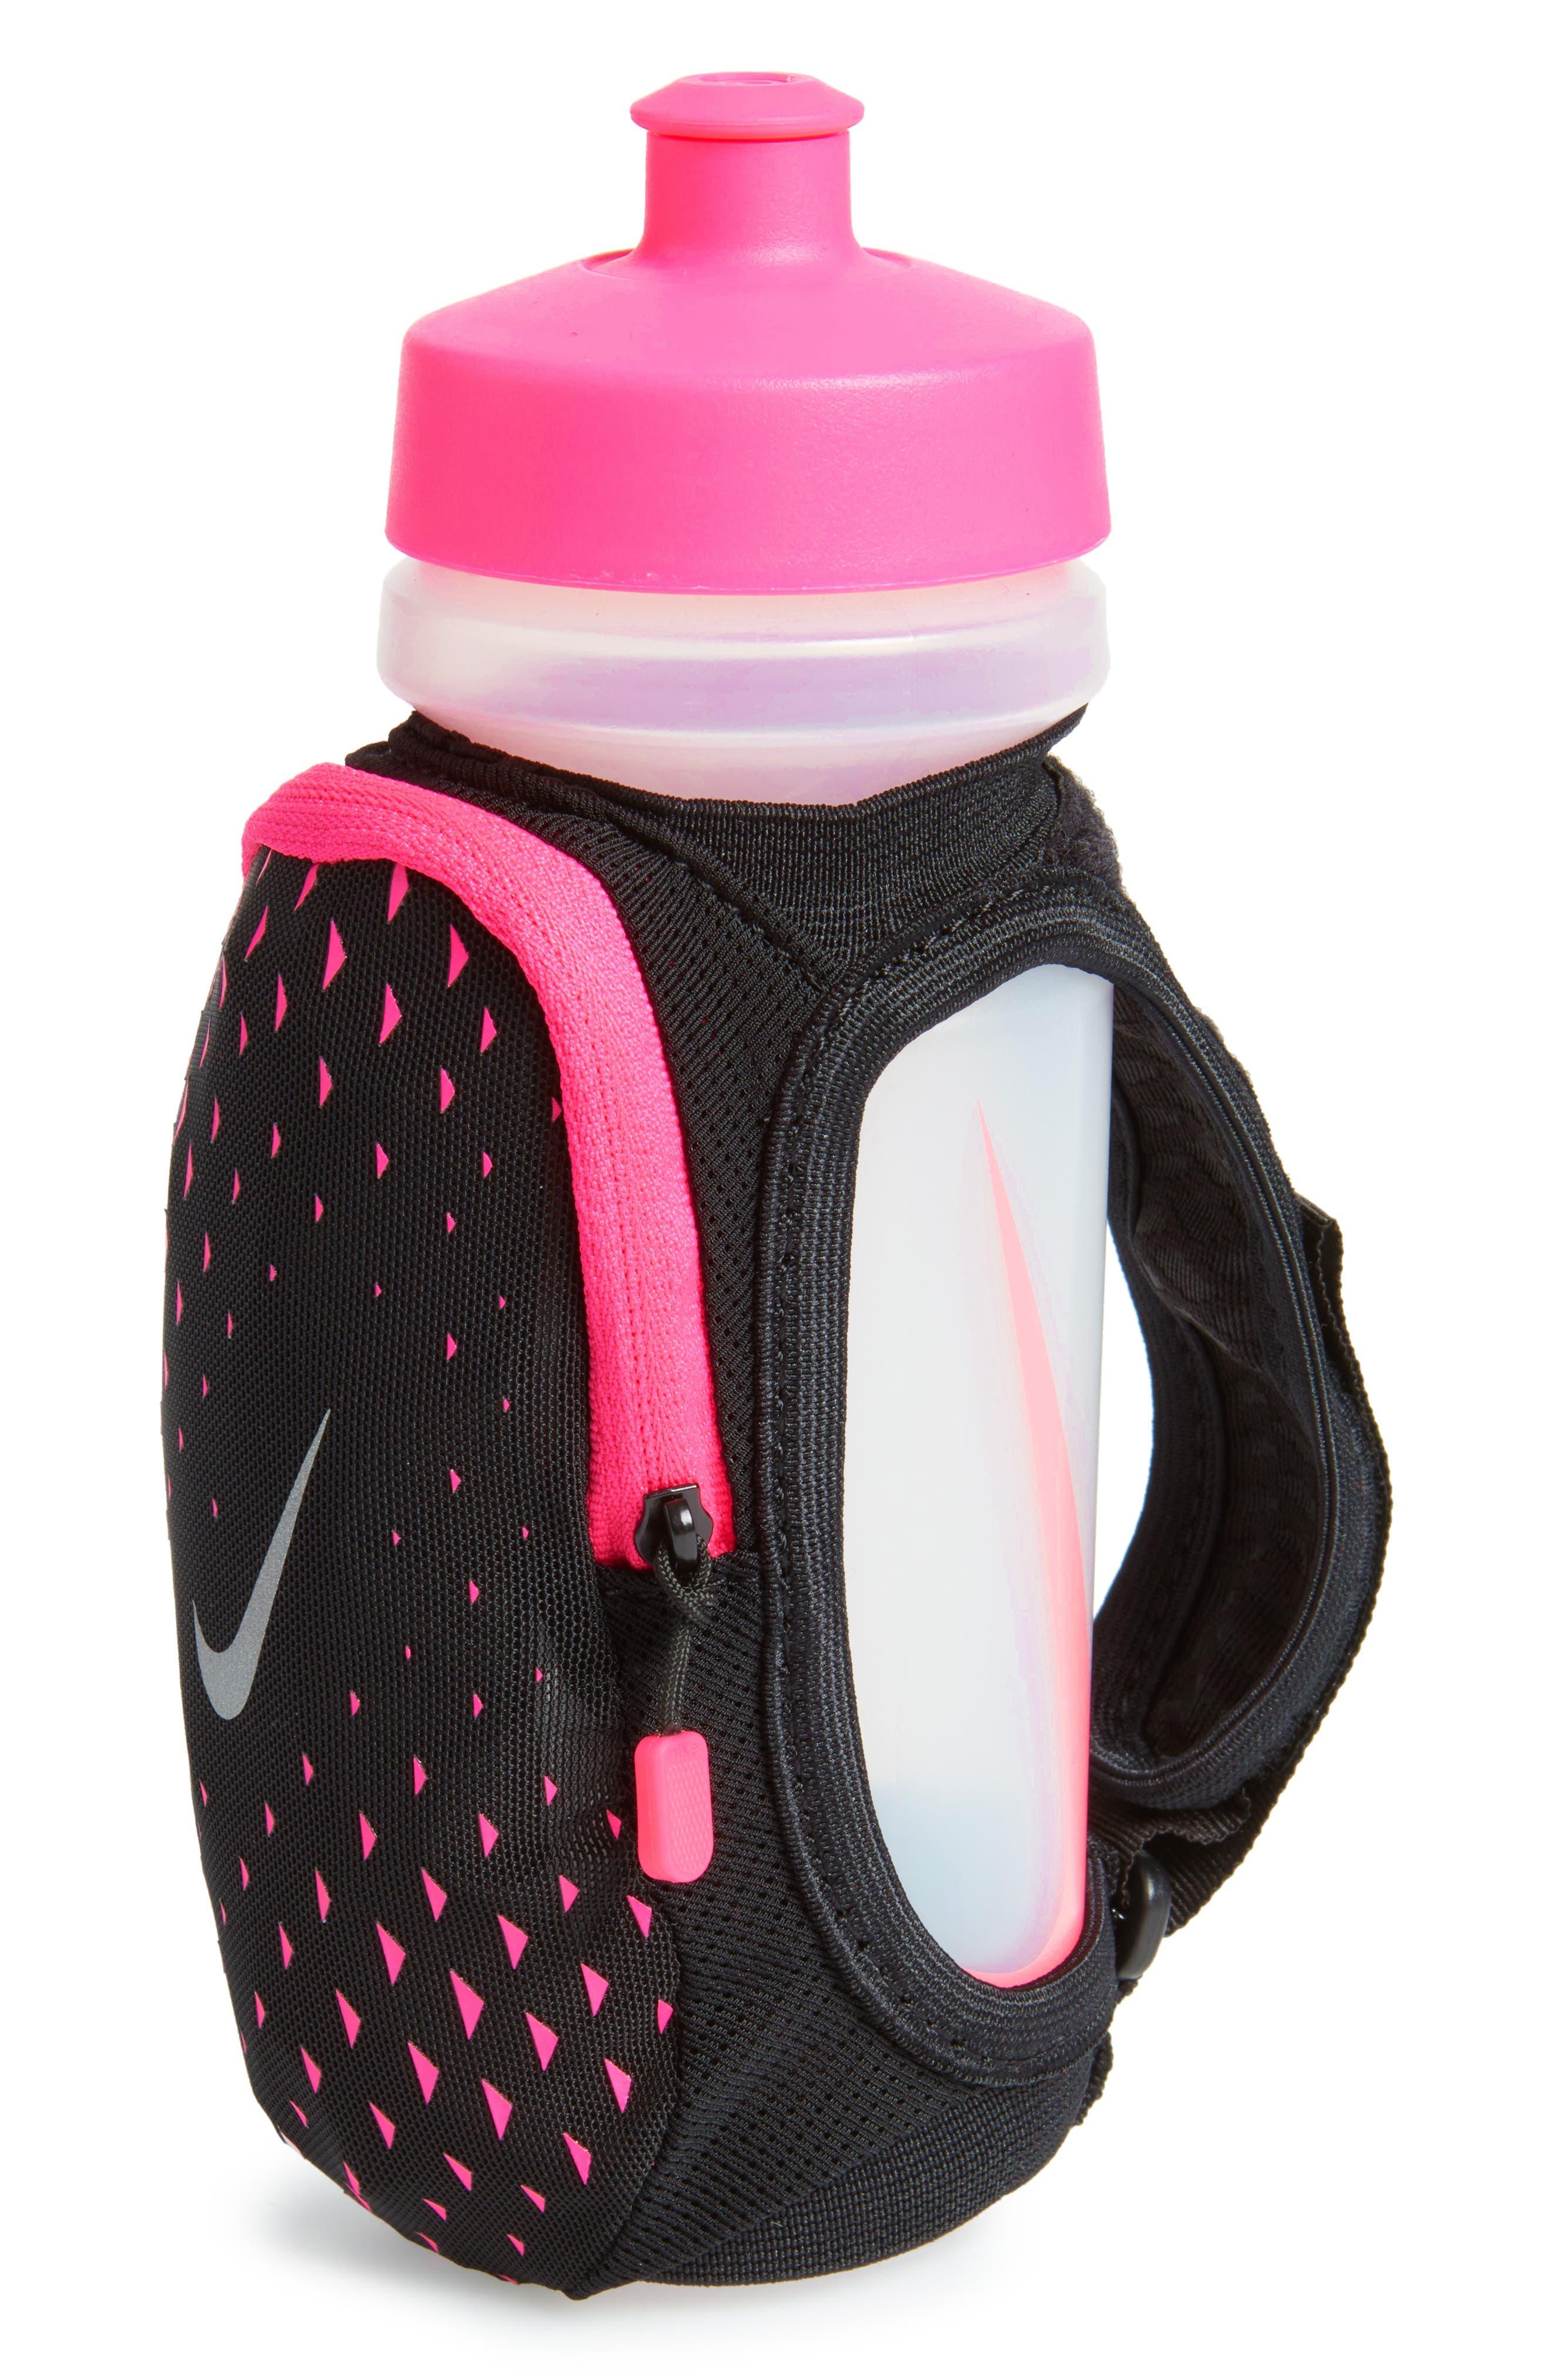 Nike Large Handheld Water Bottle Strap